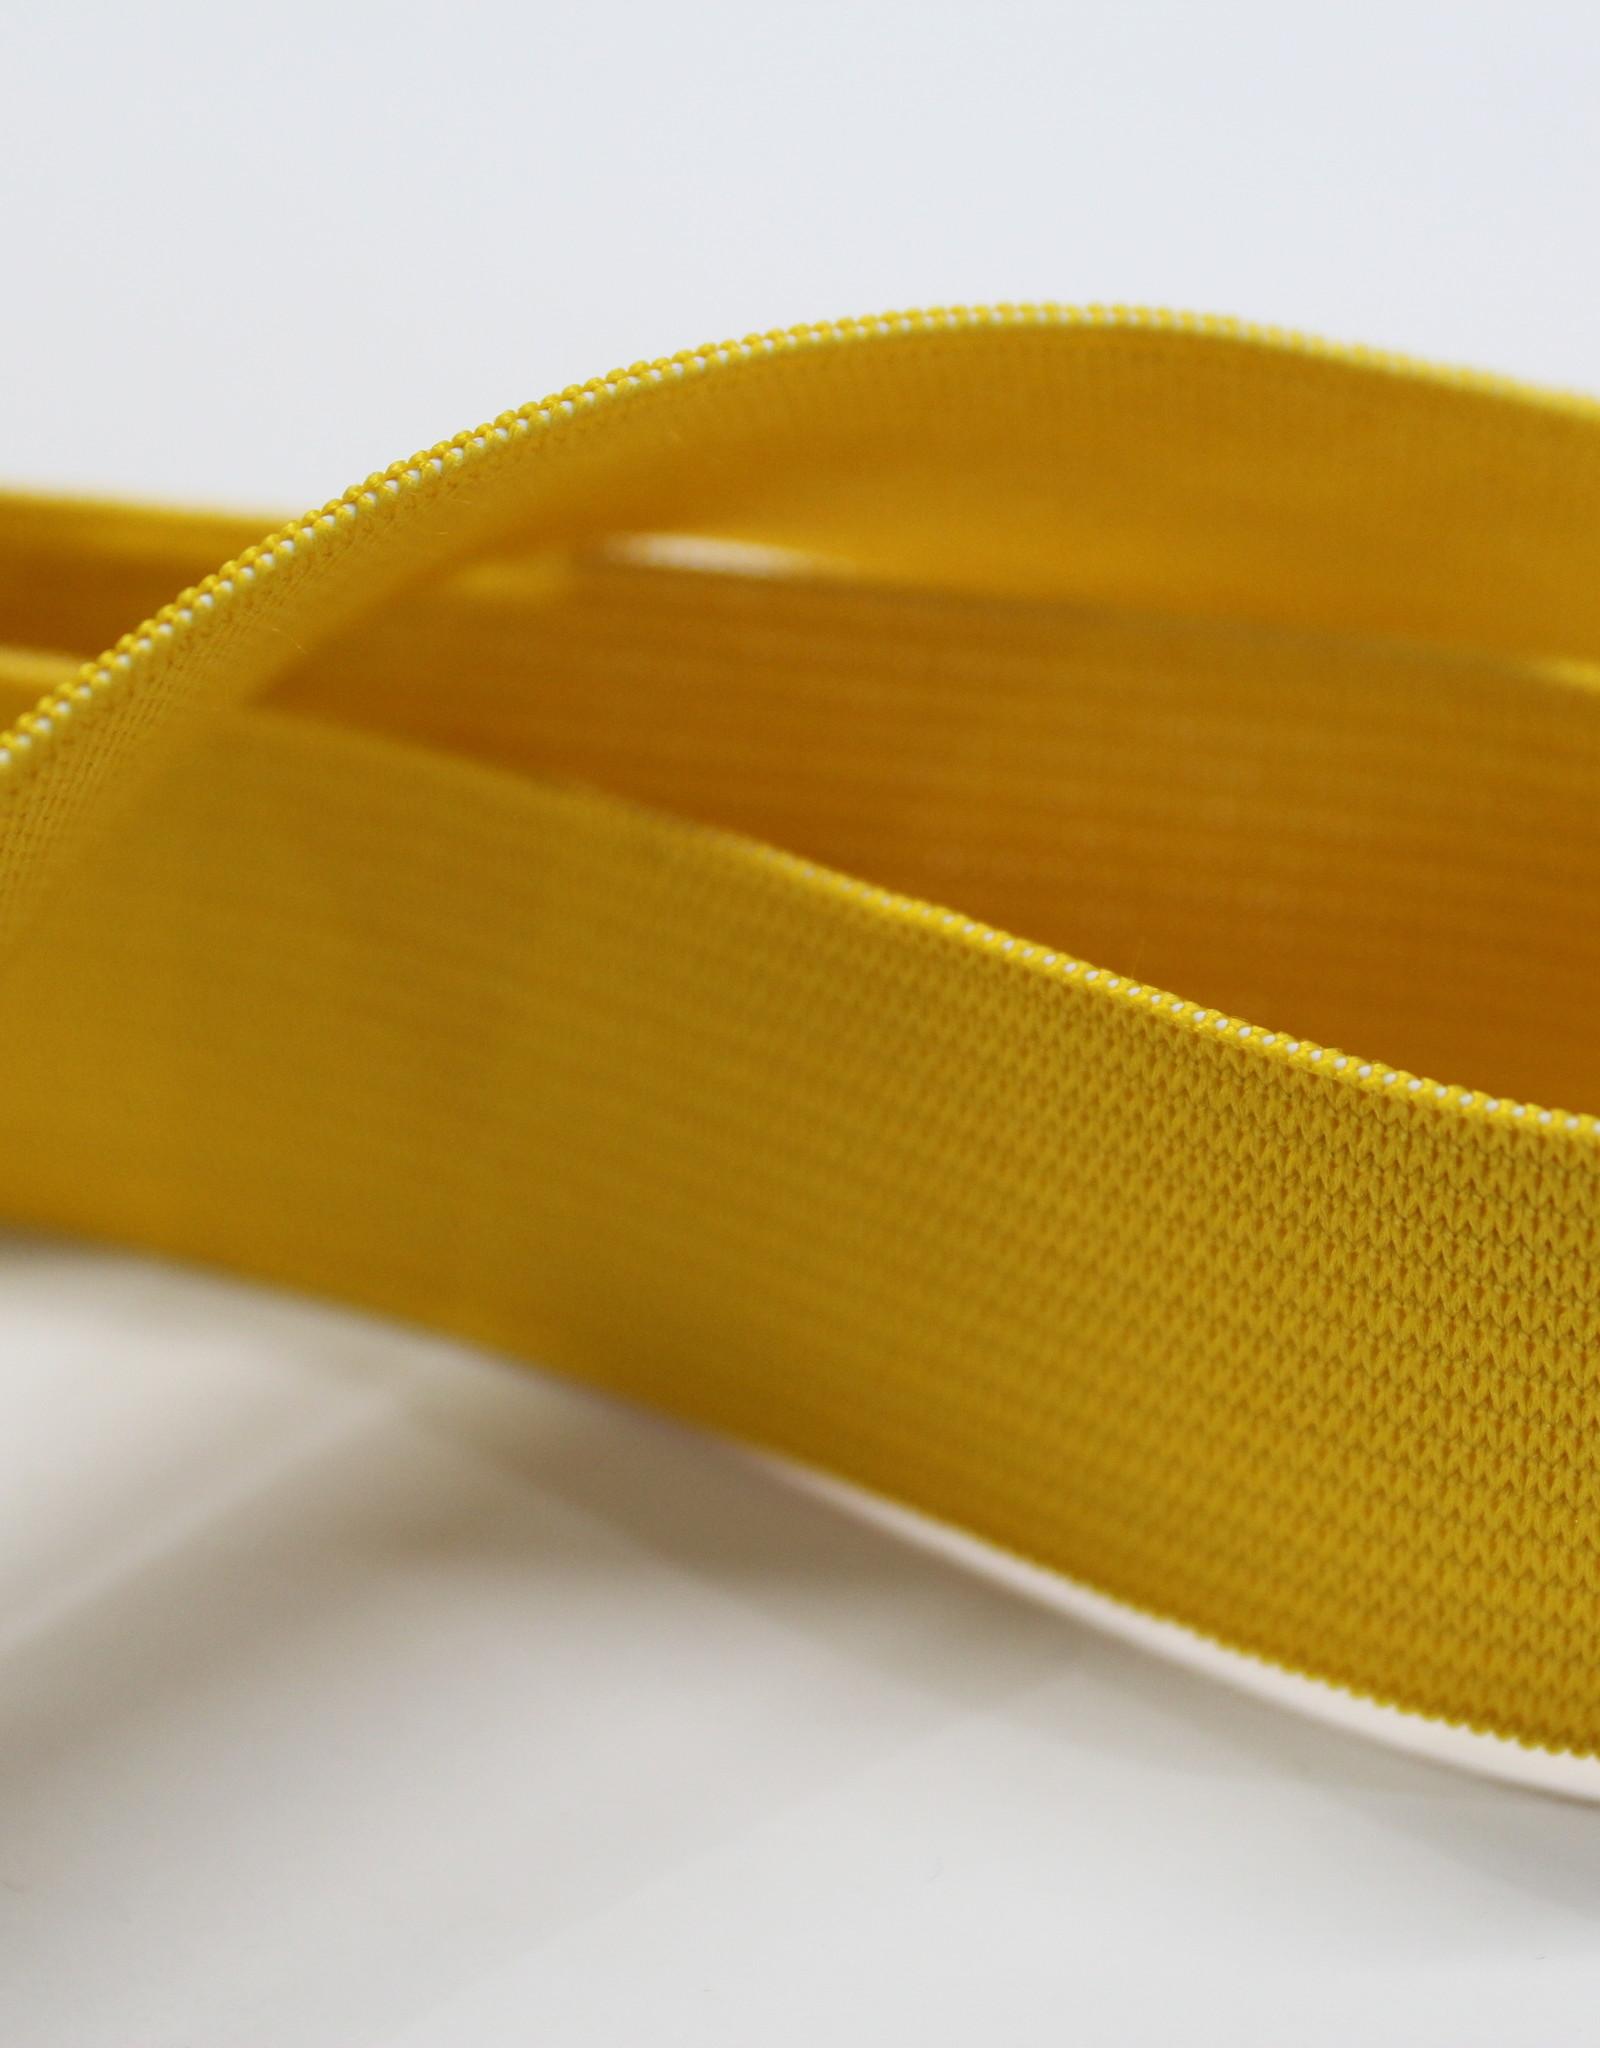 Elastiek uni geel 25mm -met structuur-